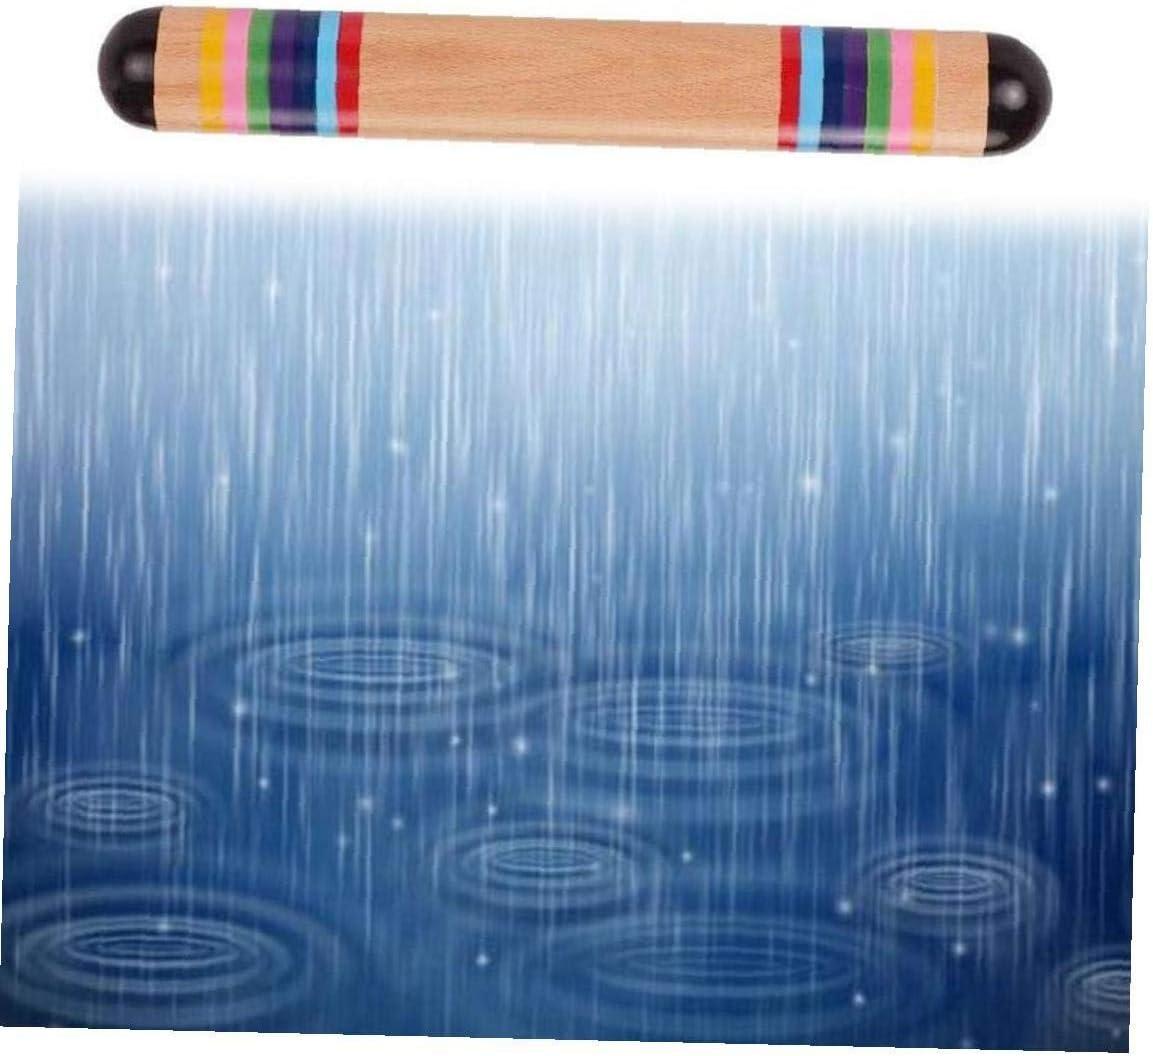 ni/ños Sanfiyya Palo de Agua de Madera de Madera Fabricante de Rainmaker Palo de Lluvia Instrumentos Musicales Juguetes para beb/és ni/ño Deportes y Fitness